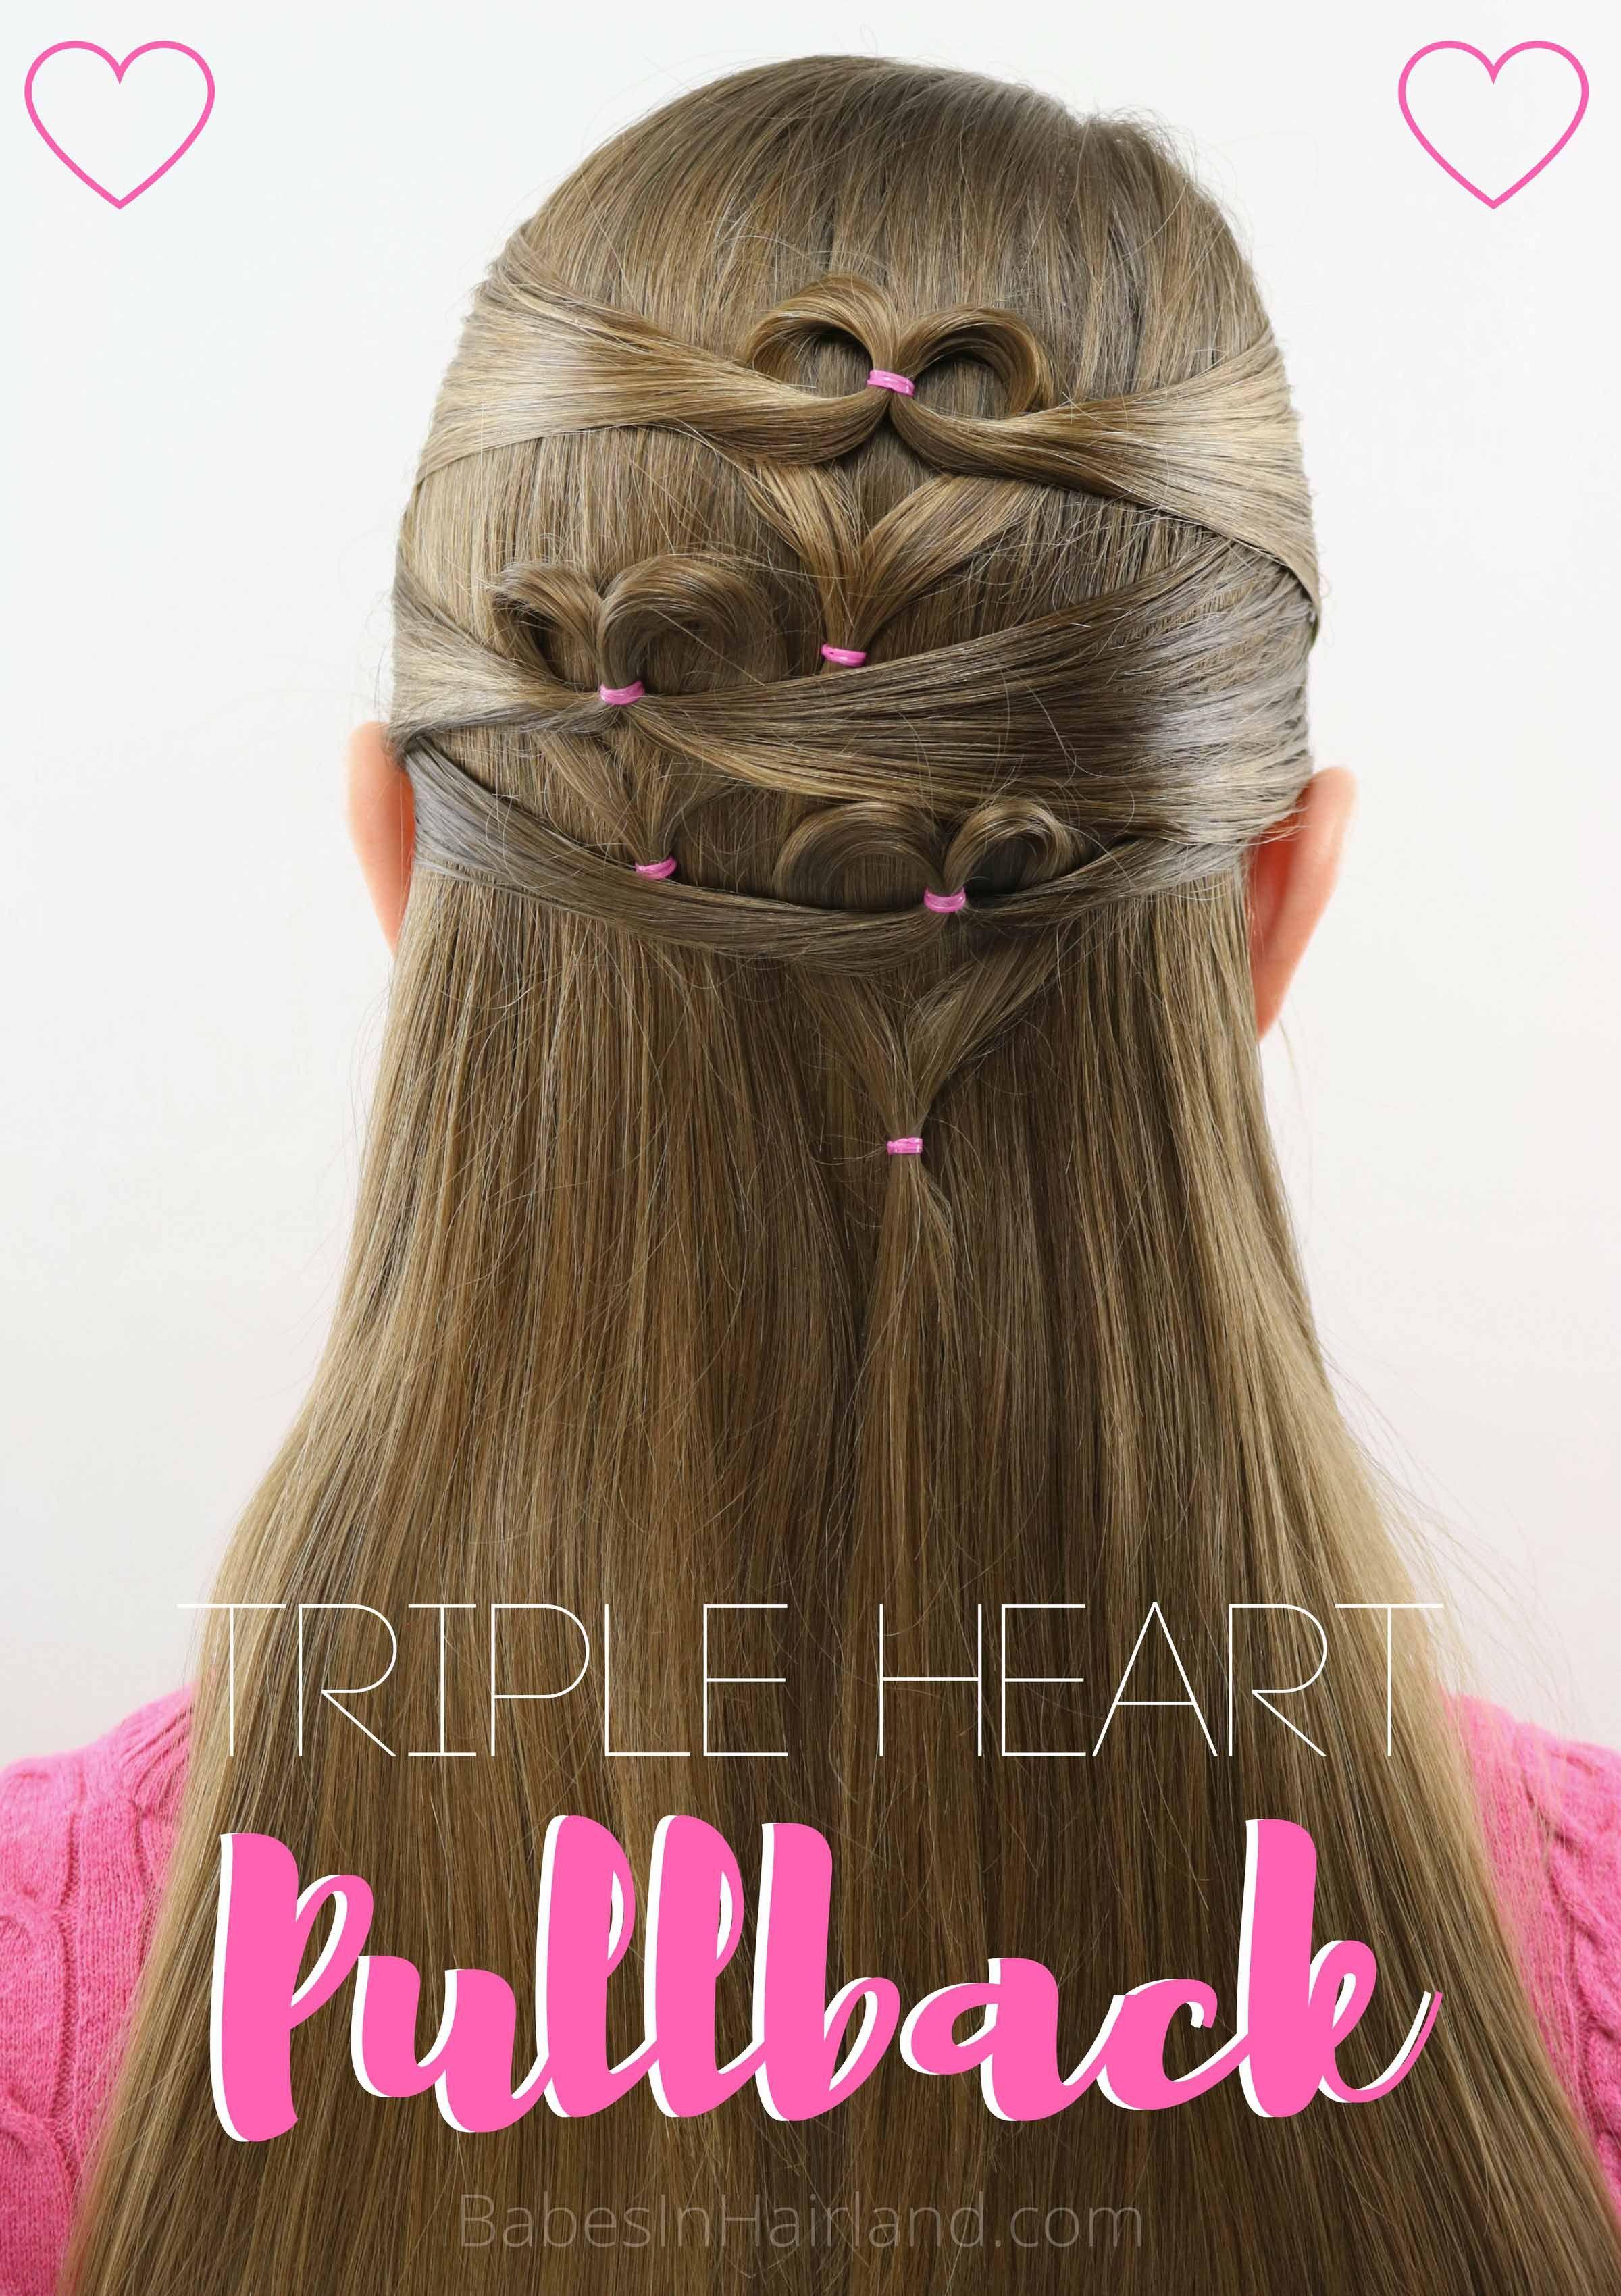 Triple Heart Pullback Cute Simple Valentine S Day Hairstyle Valentines Hairstyles Valentine S Day Hairstyles Heart Hair